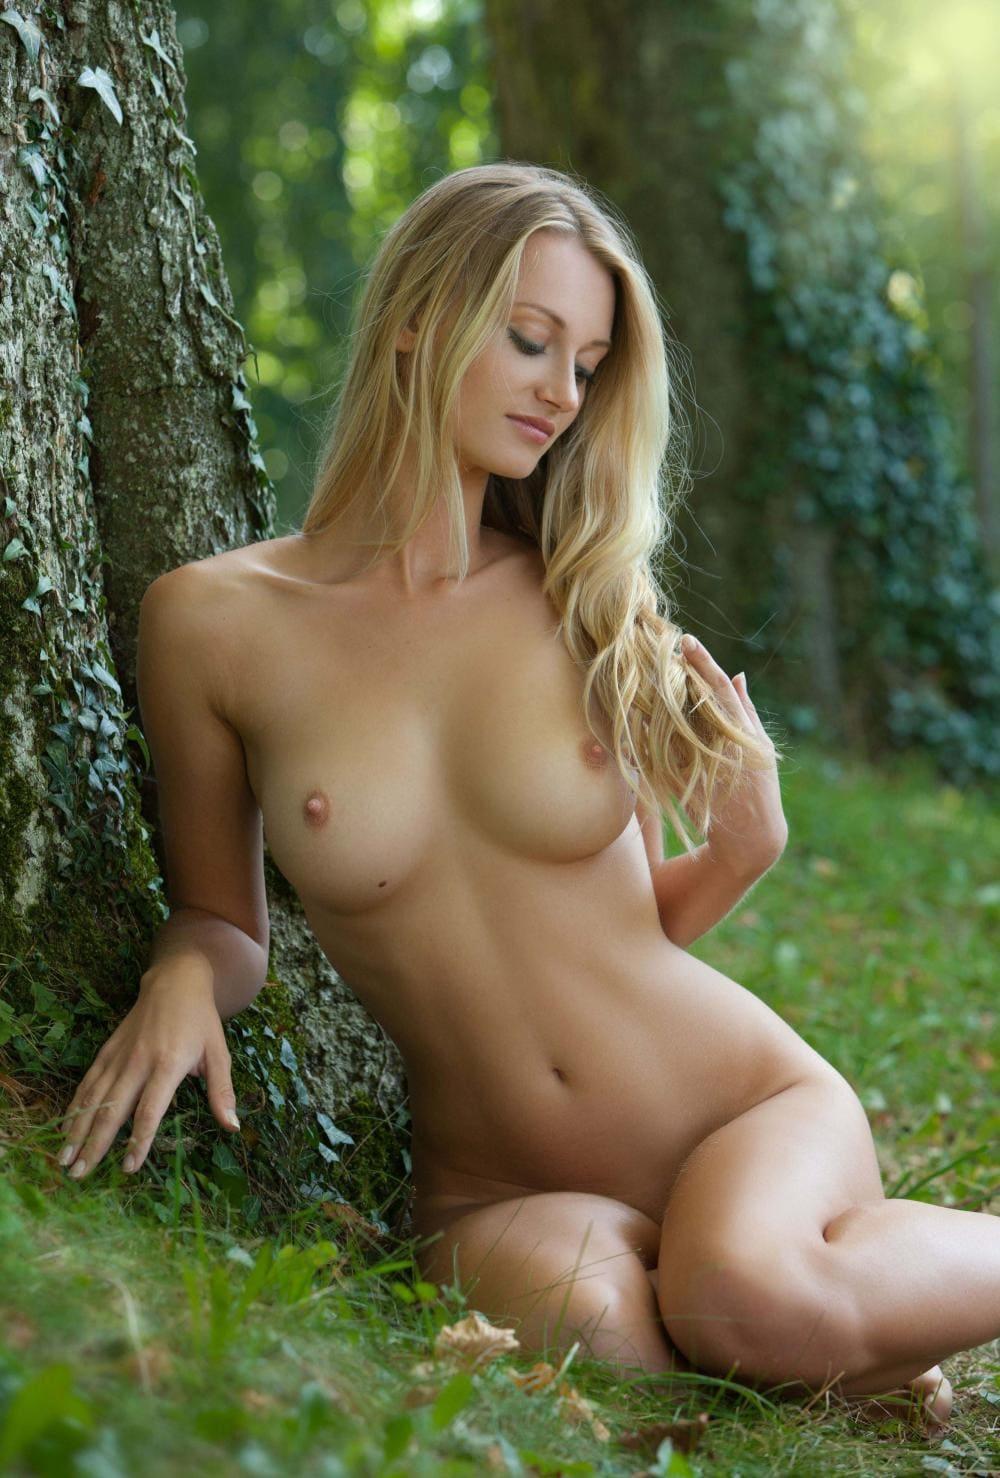 Молодые красивые голые девушки сидит под деревом, блондинка с длинным волосом, шикарные сиськи